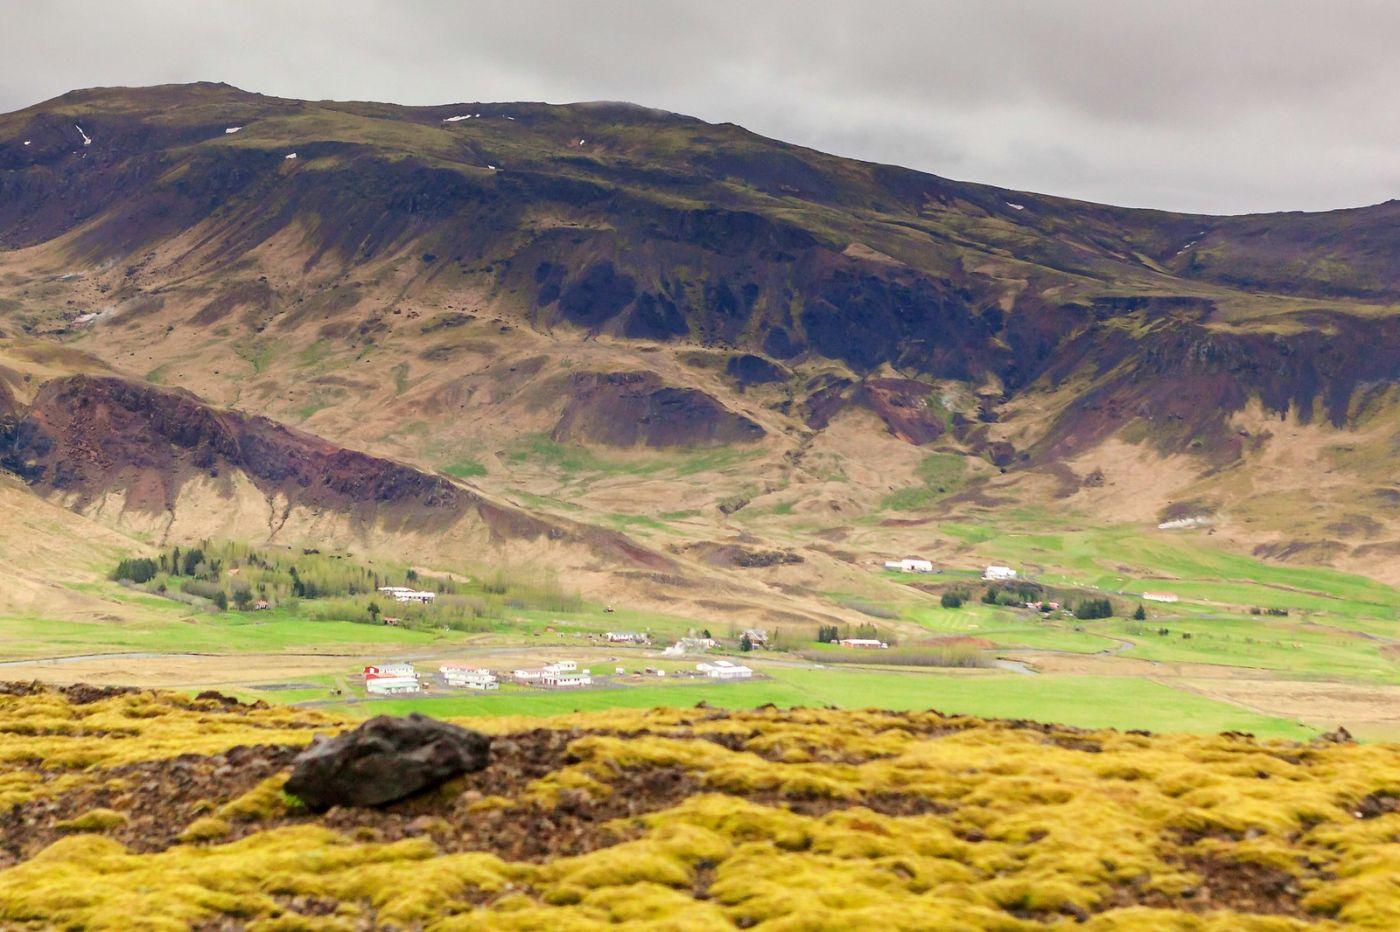 冰岛风采,奇山怪石_图1-13